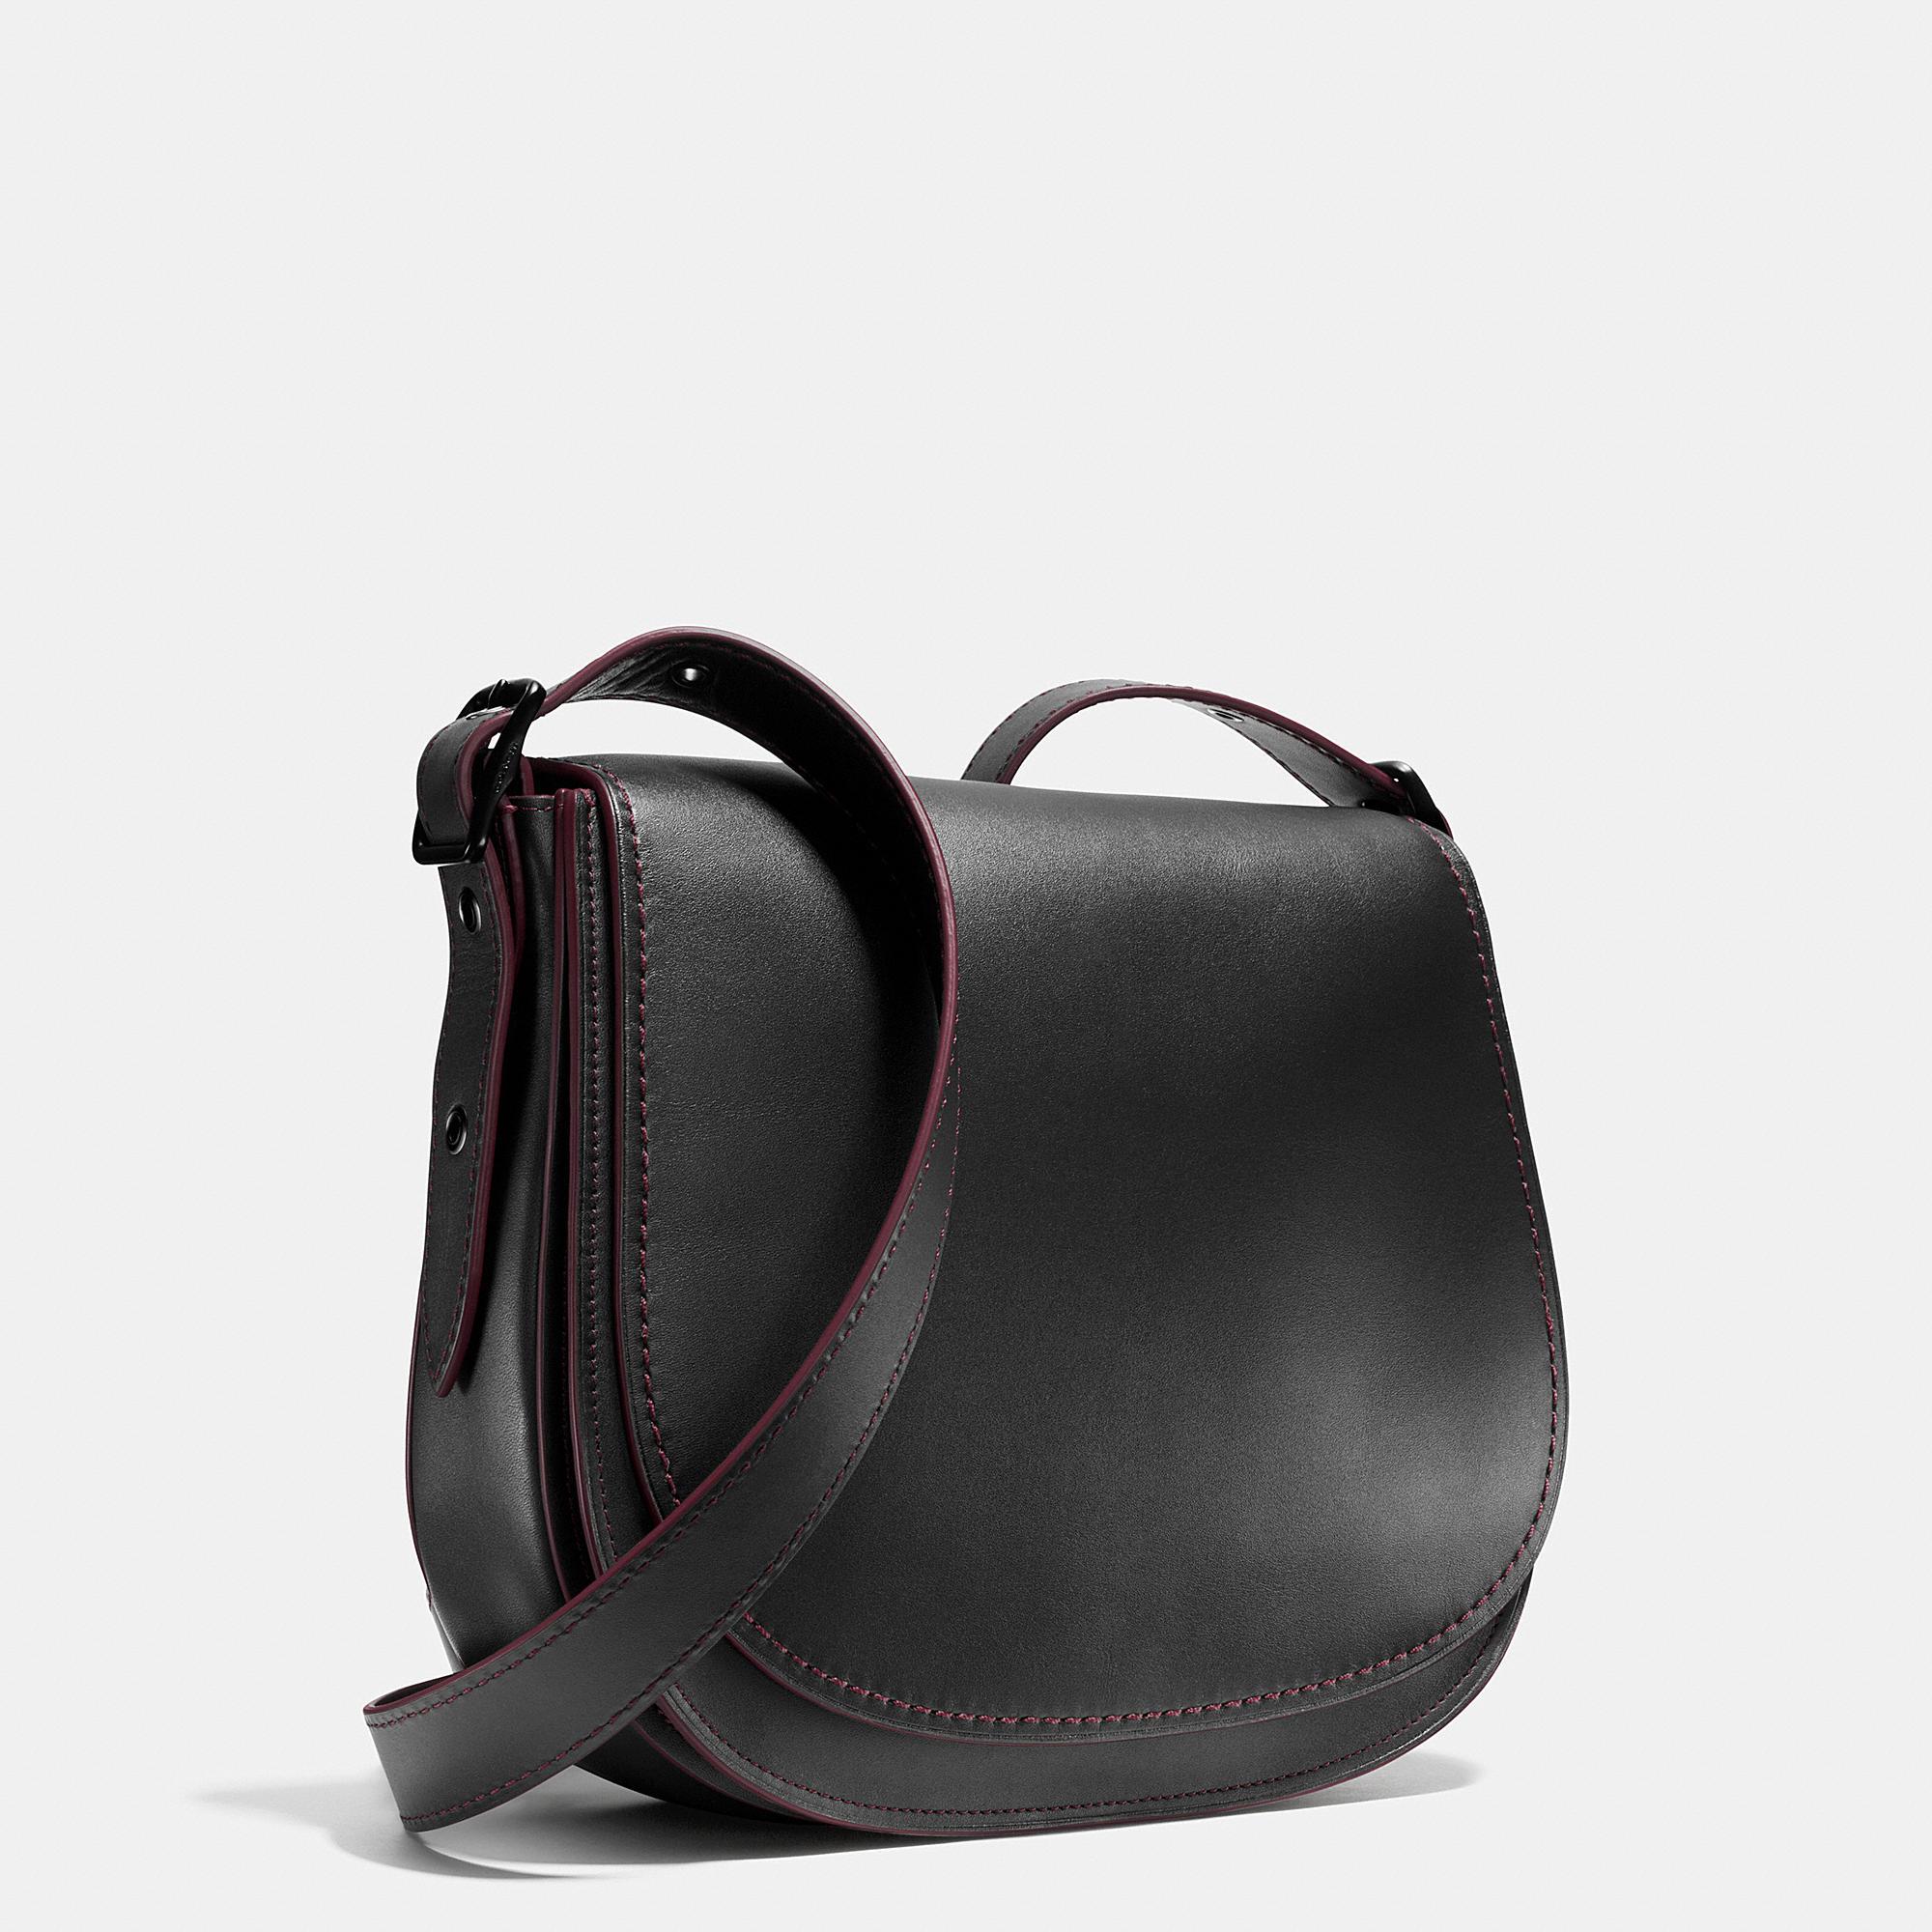 Coach Saddle Bag In Glovetanned Leather in Black (MATTE ... Saddle Bag